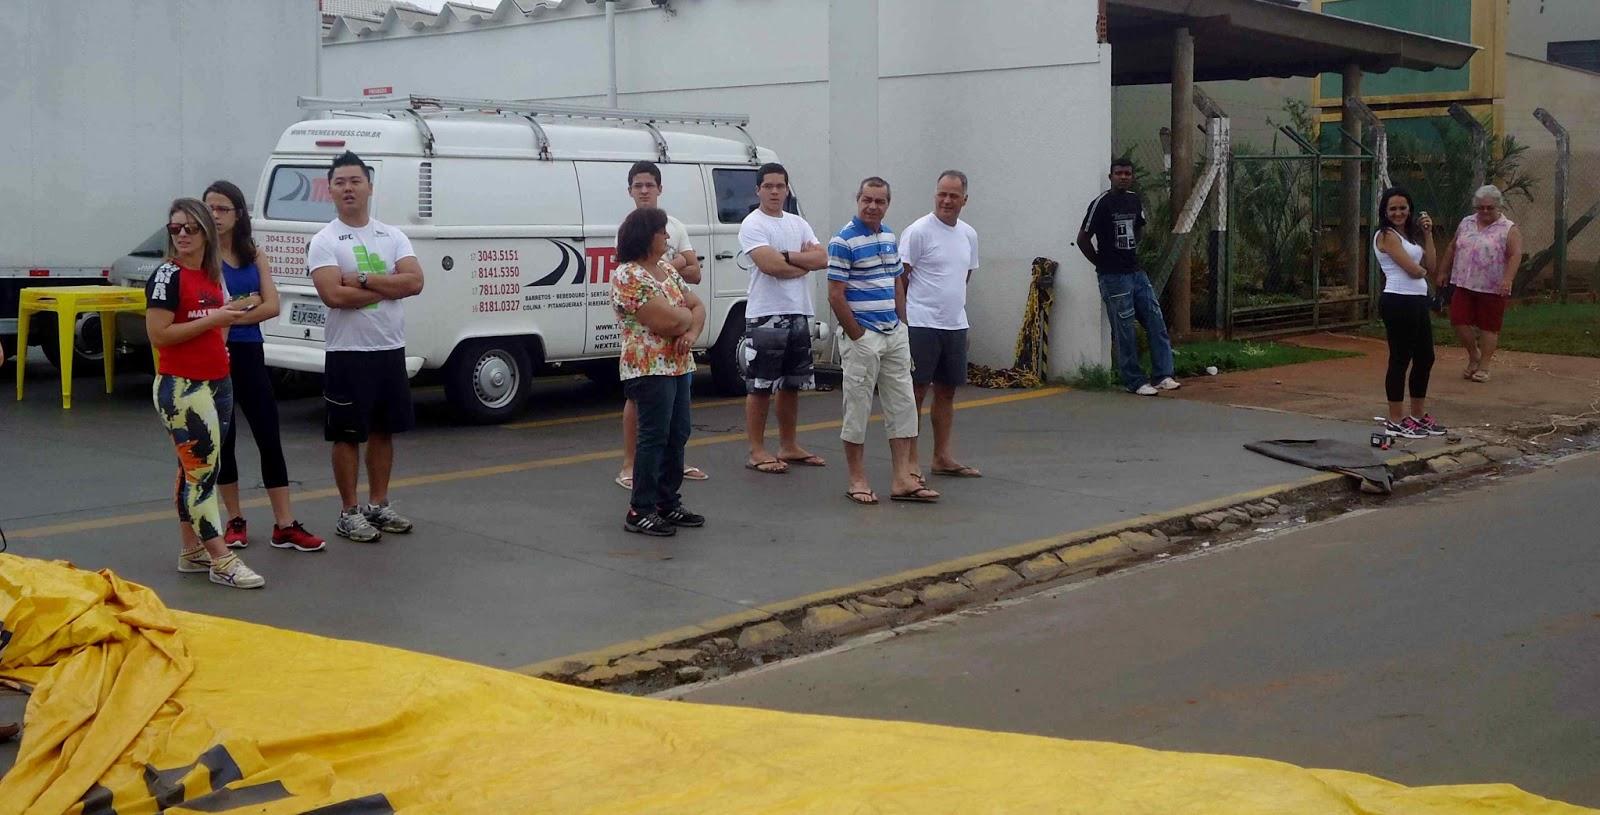 Foto 78 da 1ª Corrida Av. dos Coqueiros em Barretos-SP 14/04/2013 – Atletas cruzando a linha de chegada